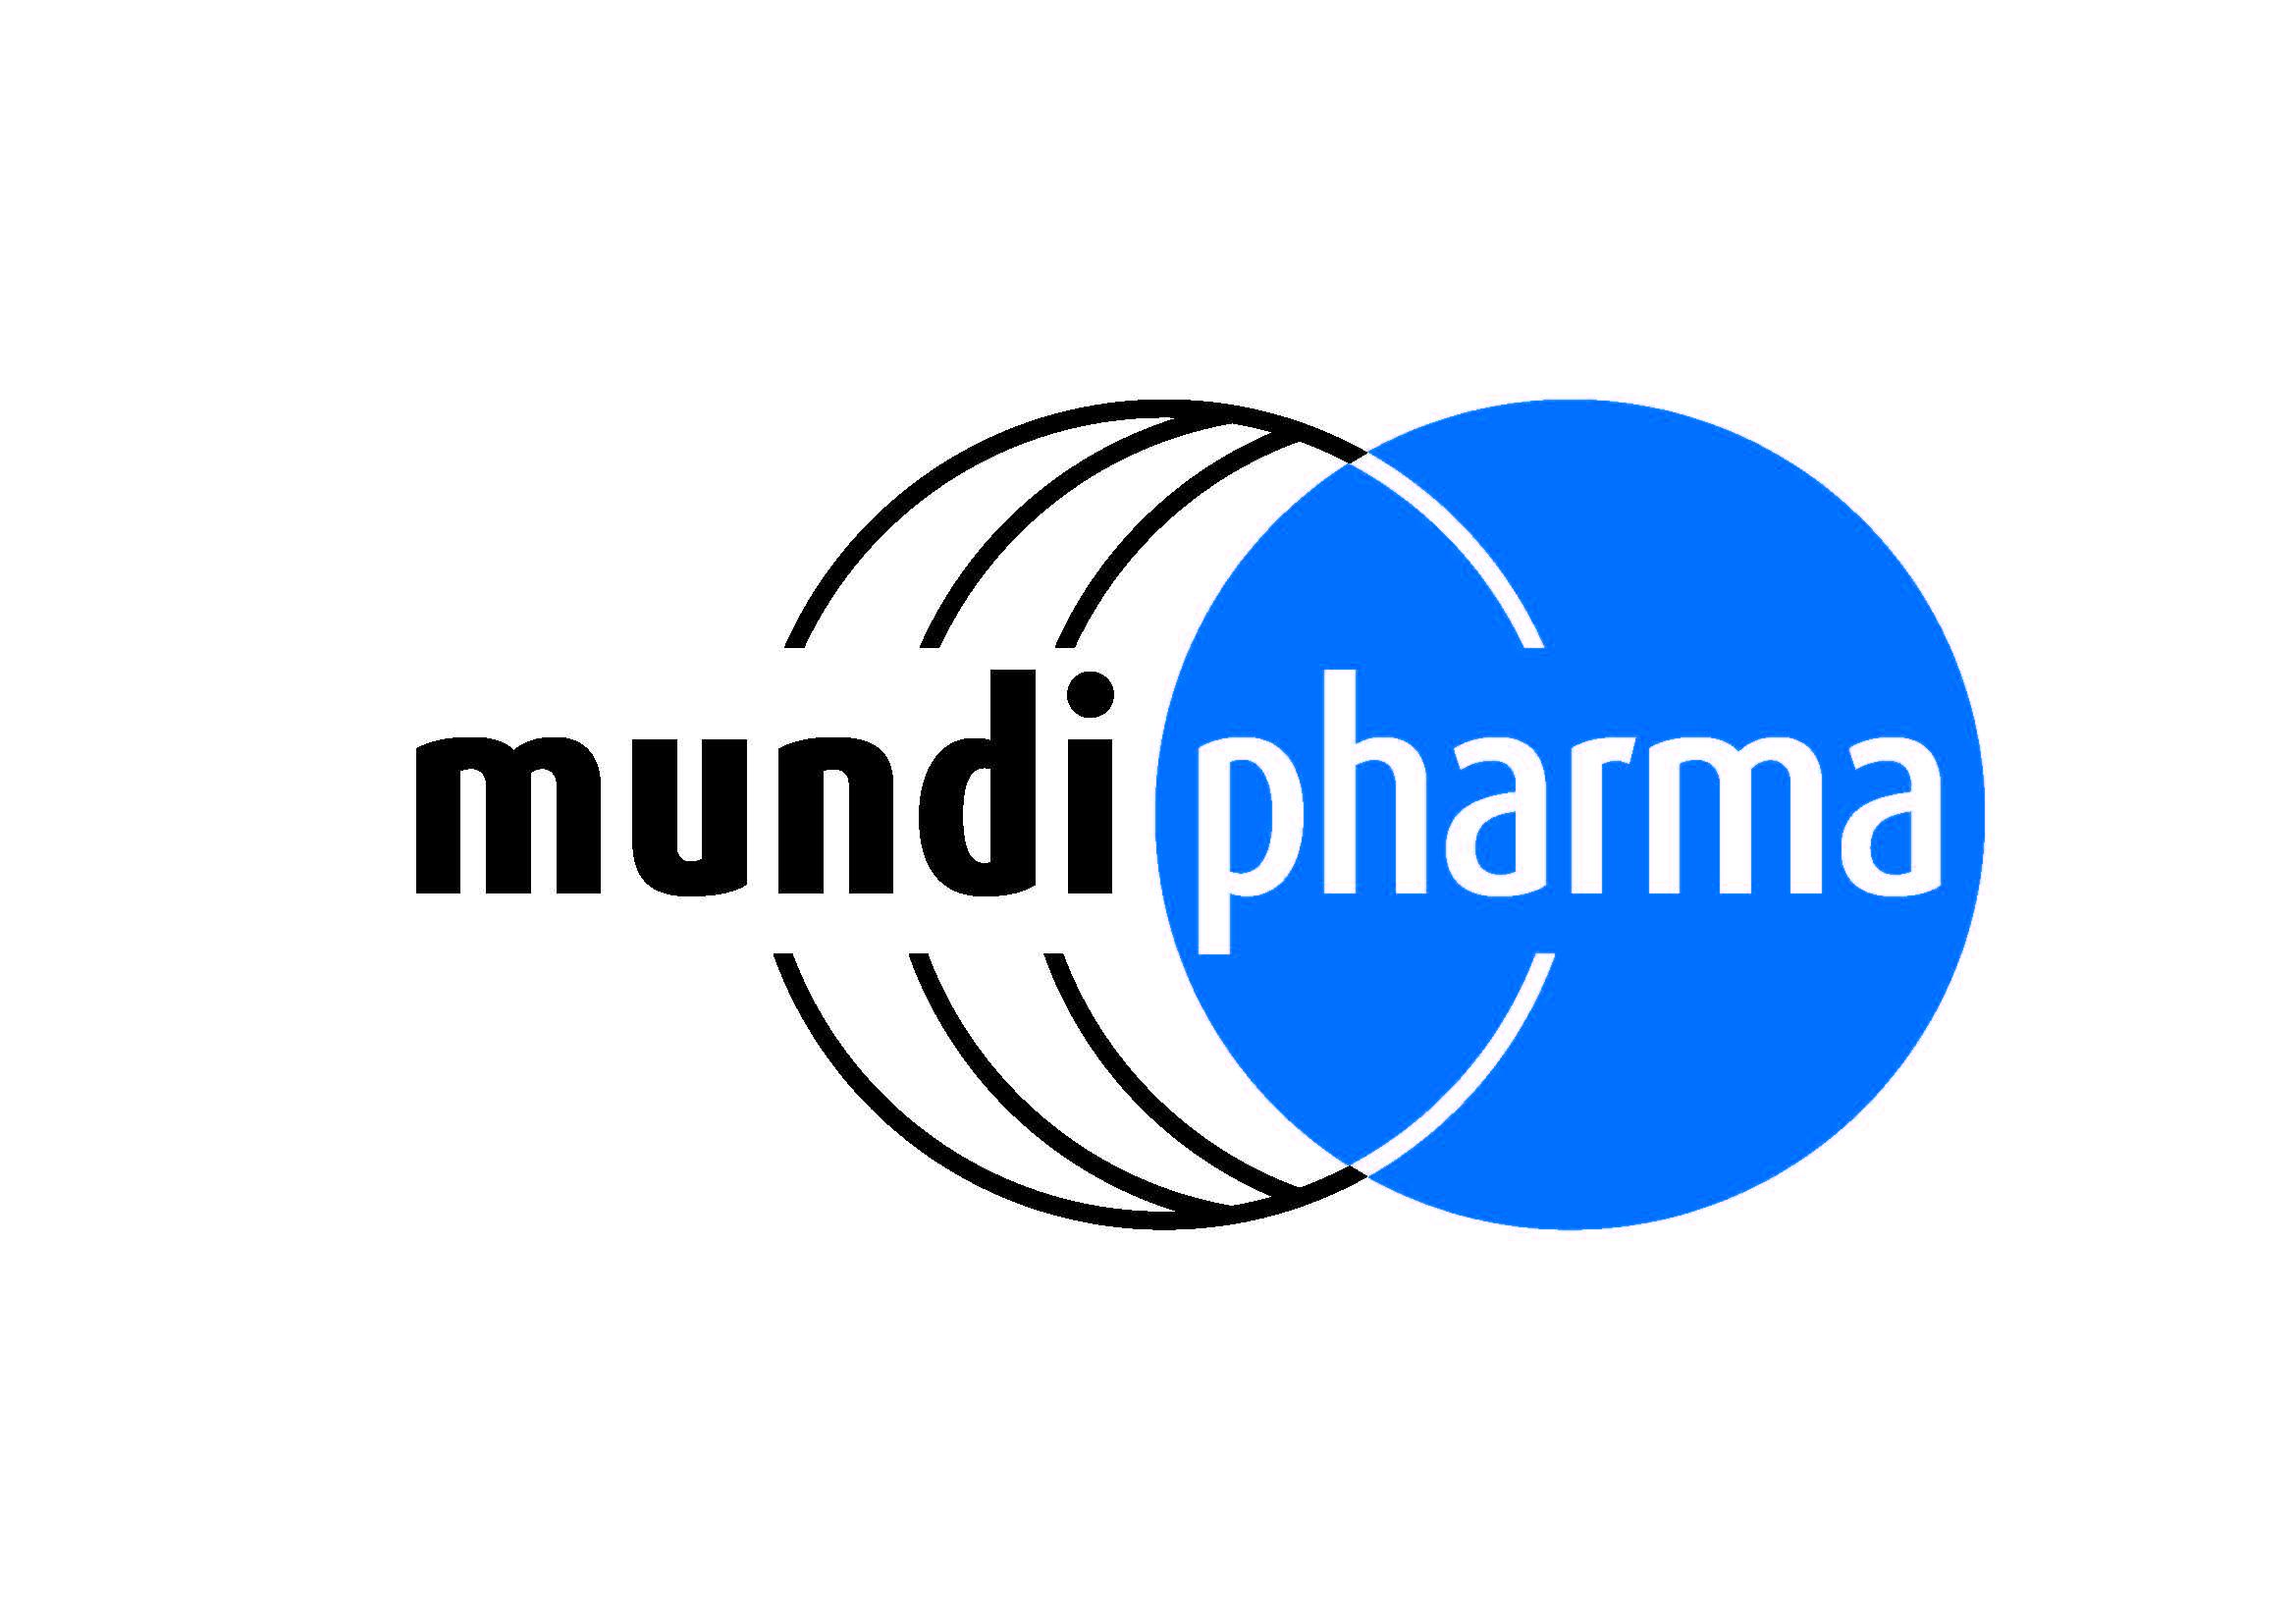 Mundipharma Logo CMYK